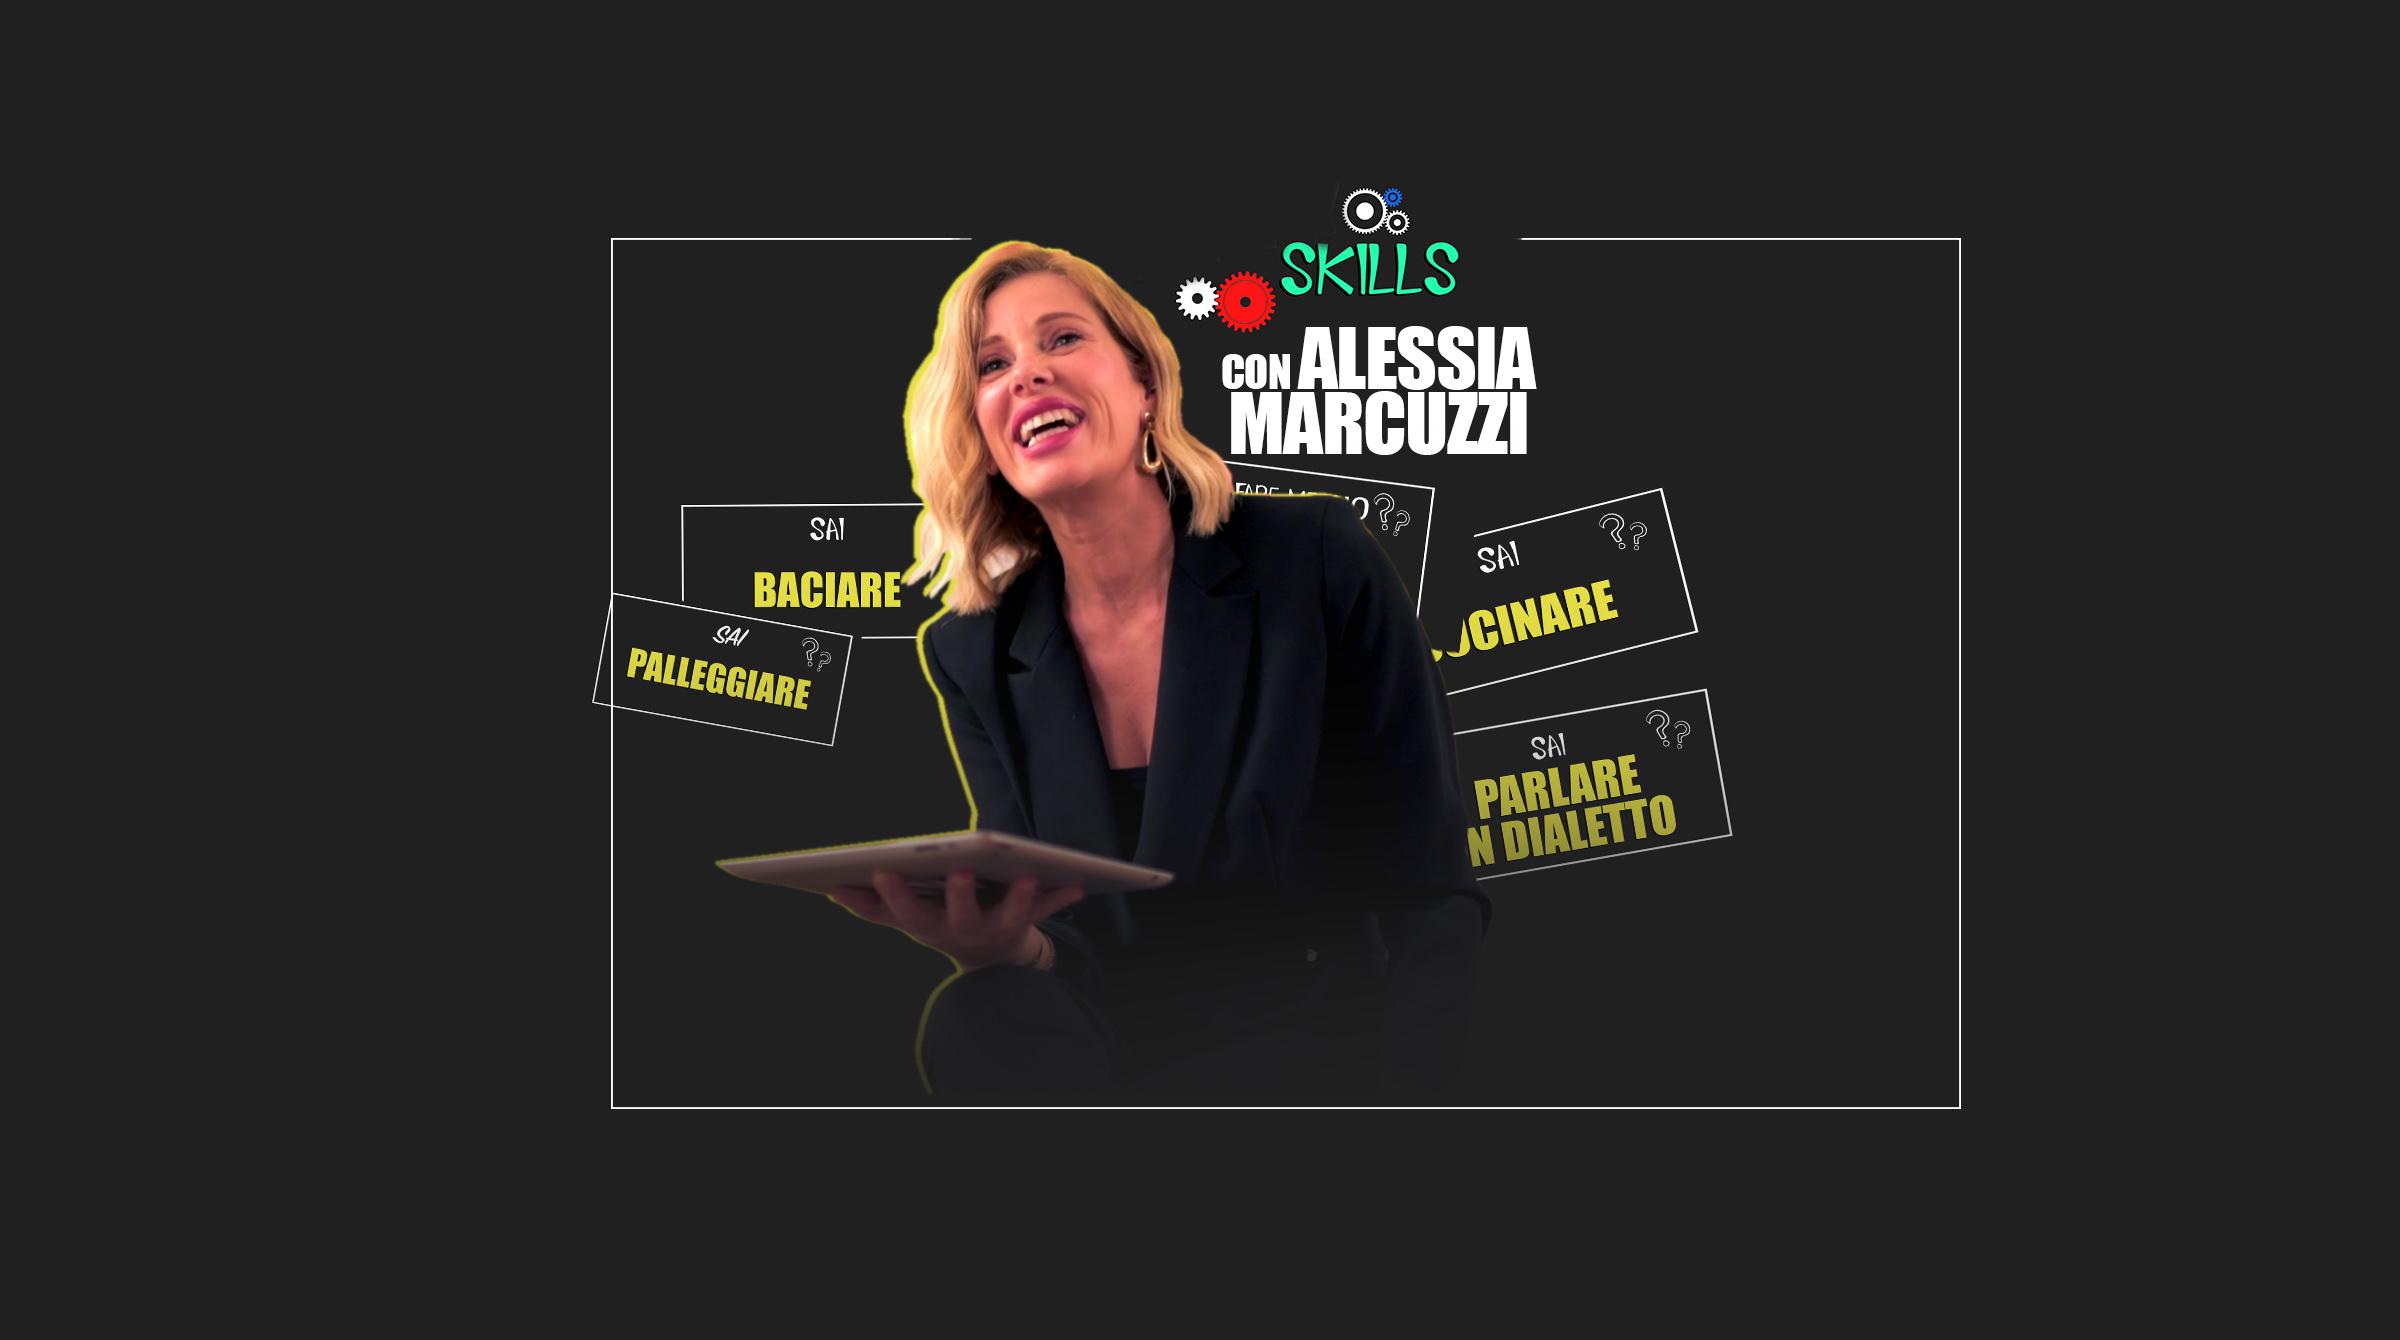 alessiamarcuzzi-witty-skills